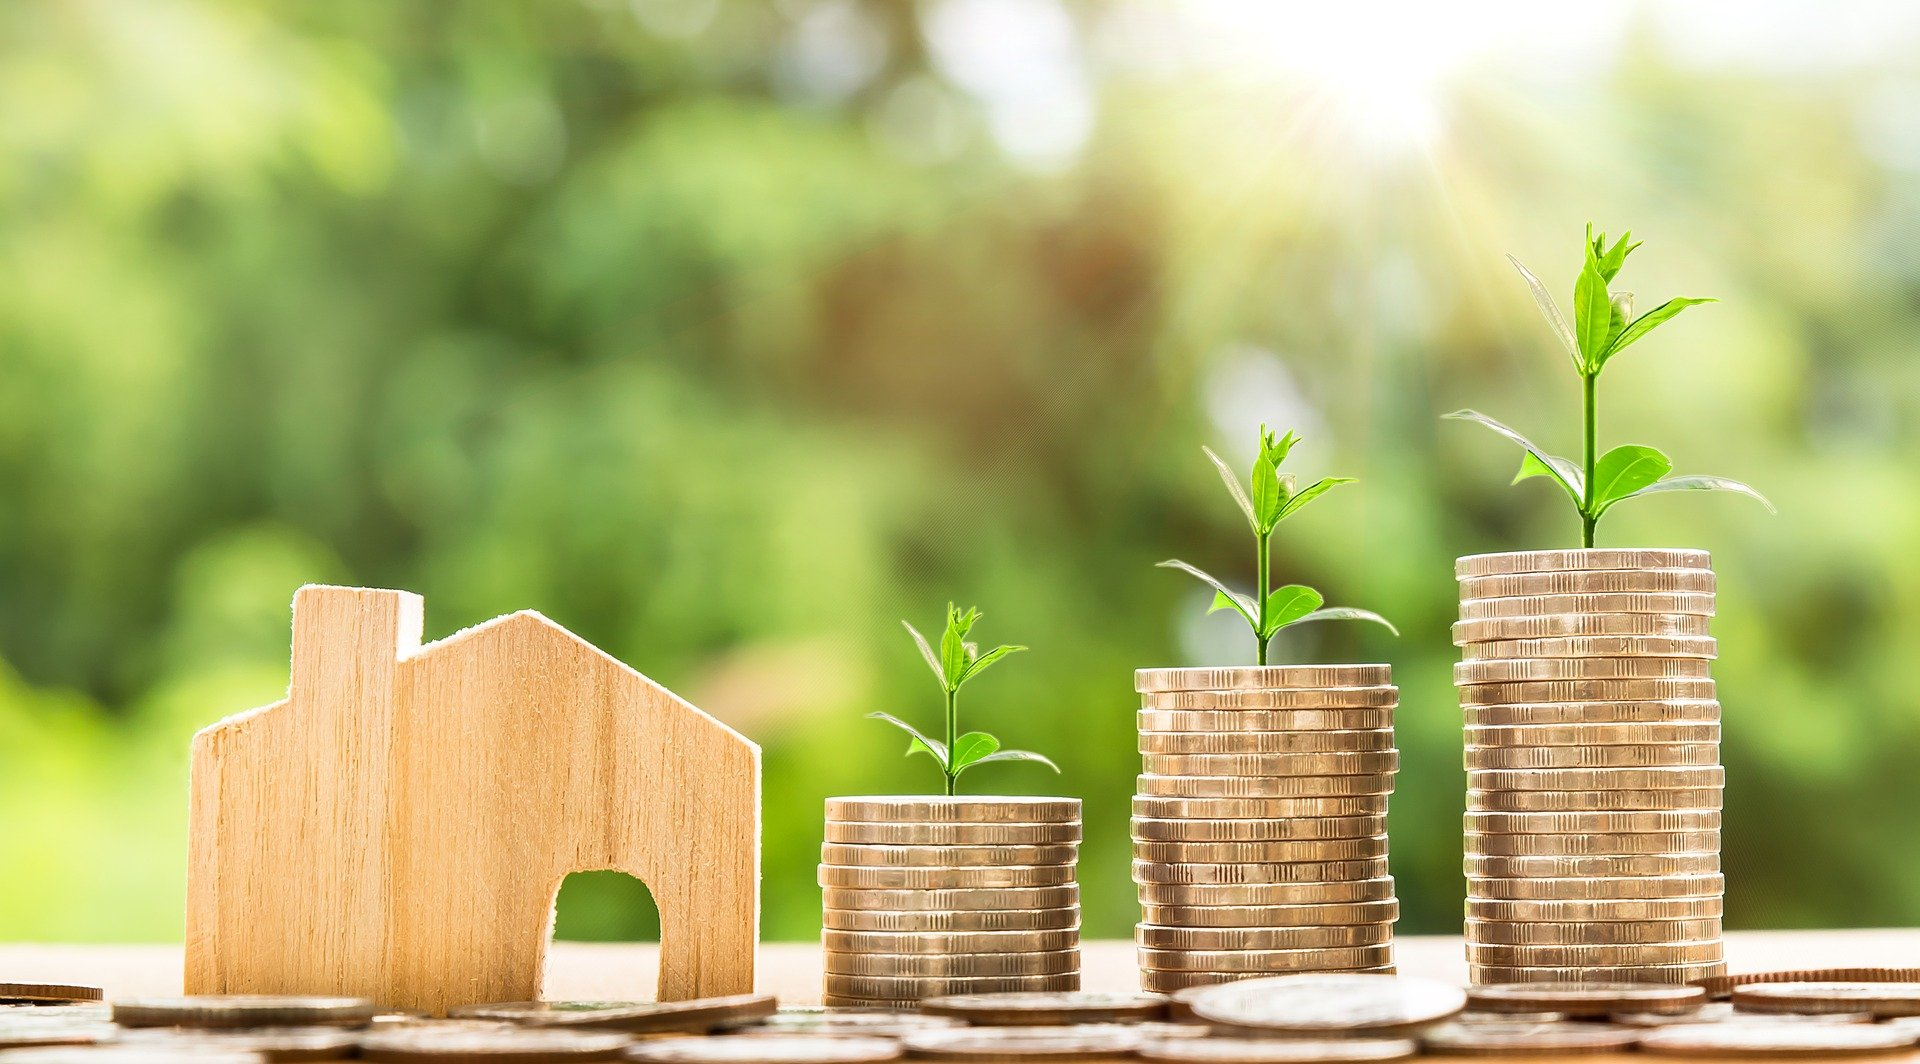 Повышение ипотечных ставок до 9-10% предсказали аналитики